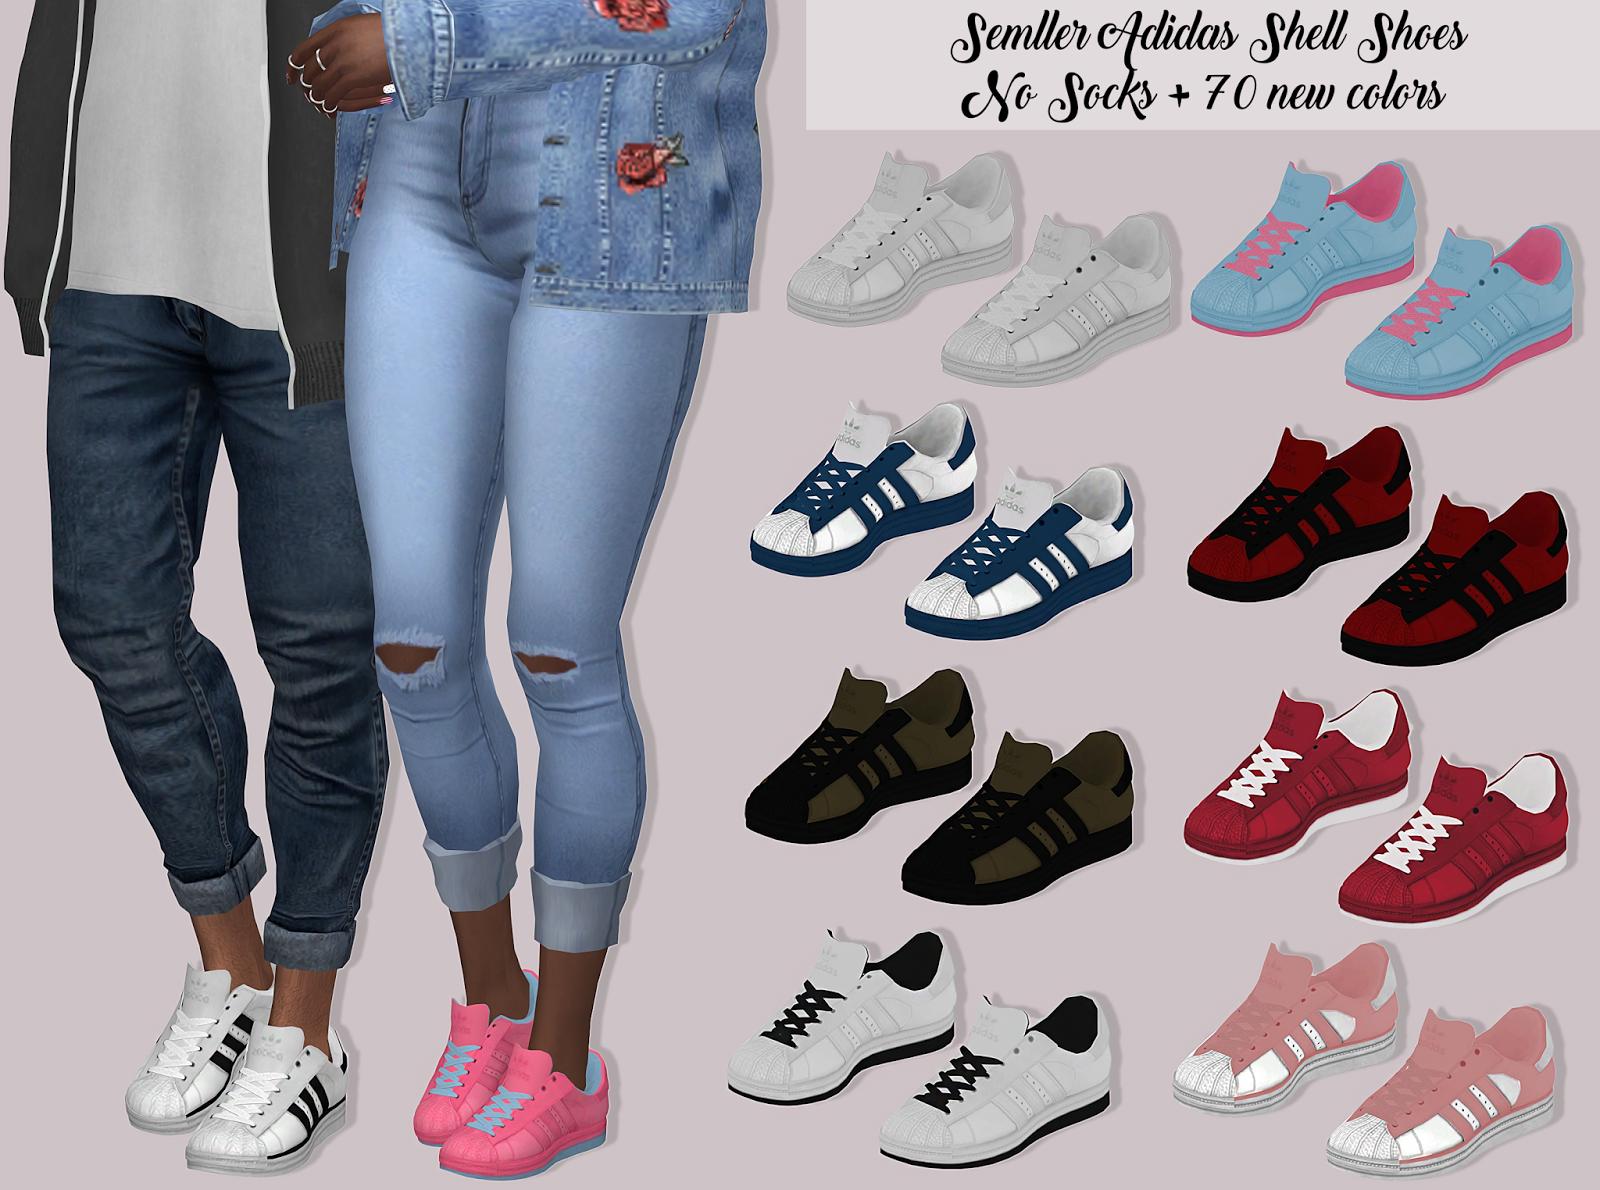 Lumy-sims: Semller Adidas Shell Shoes No Socks